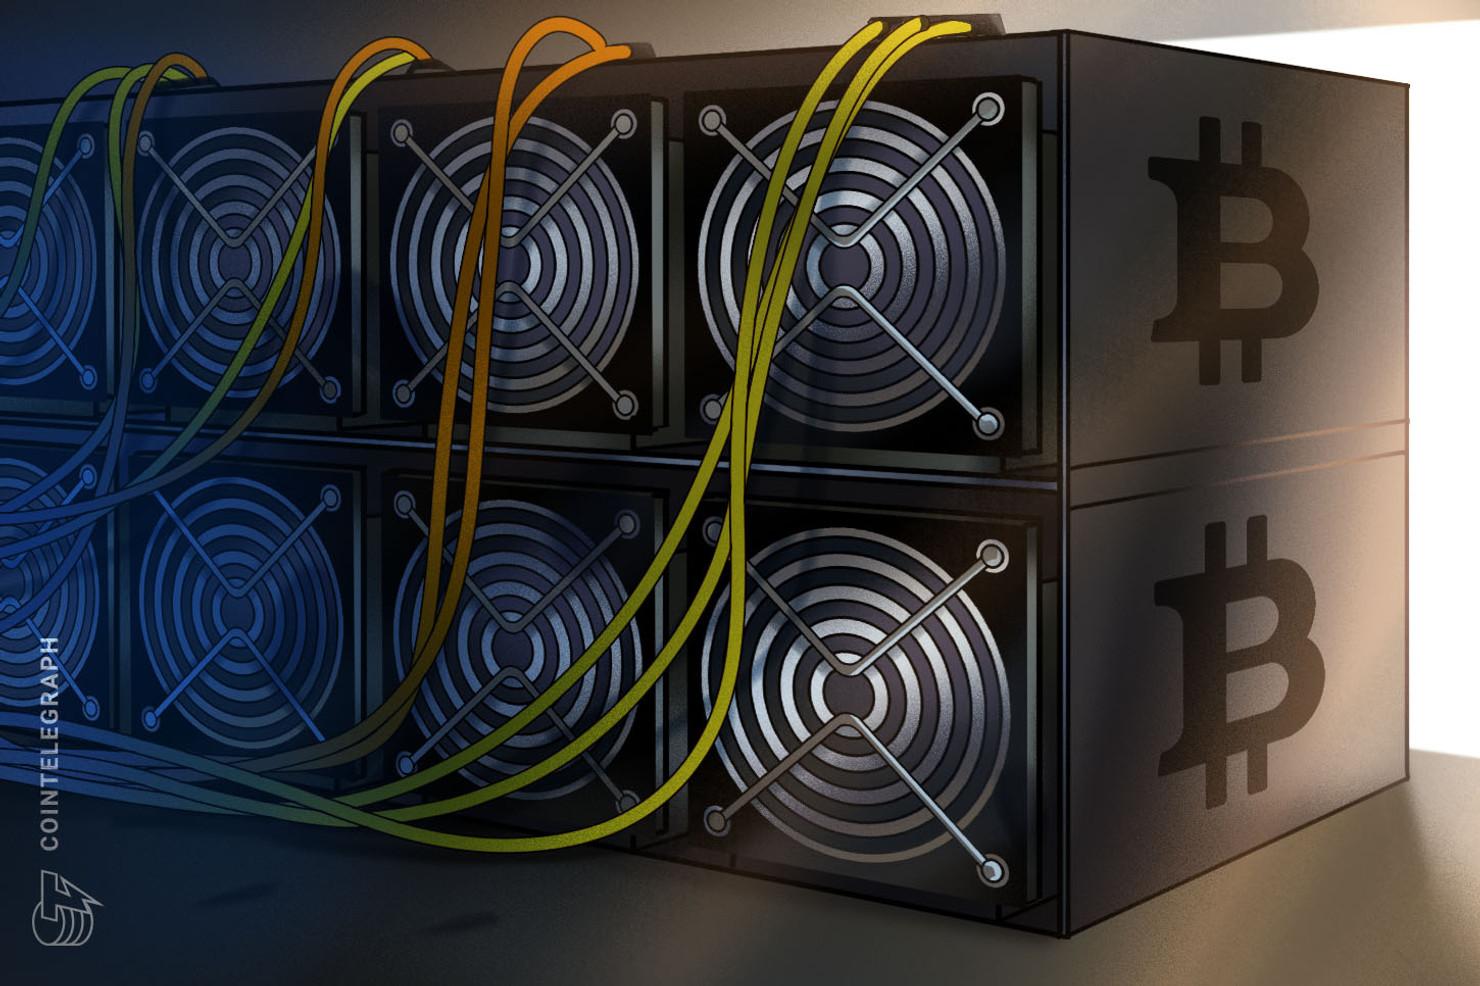 ピーター・ティール支援のマイニング企業、テキサスで始動 |仮想通貨ビットコインハッシュレート3割獲得へ